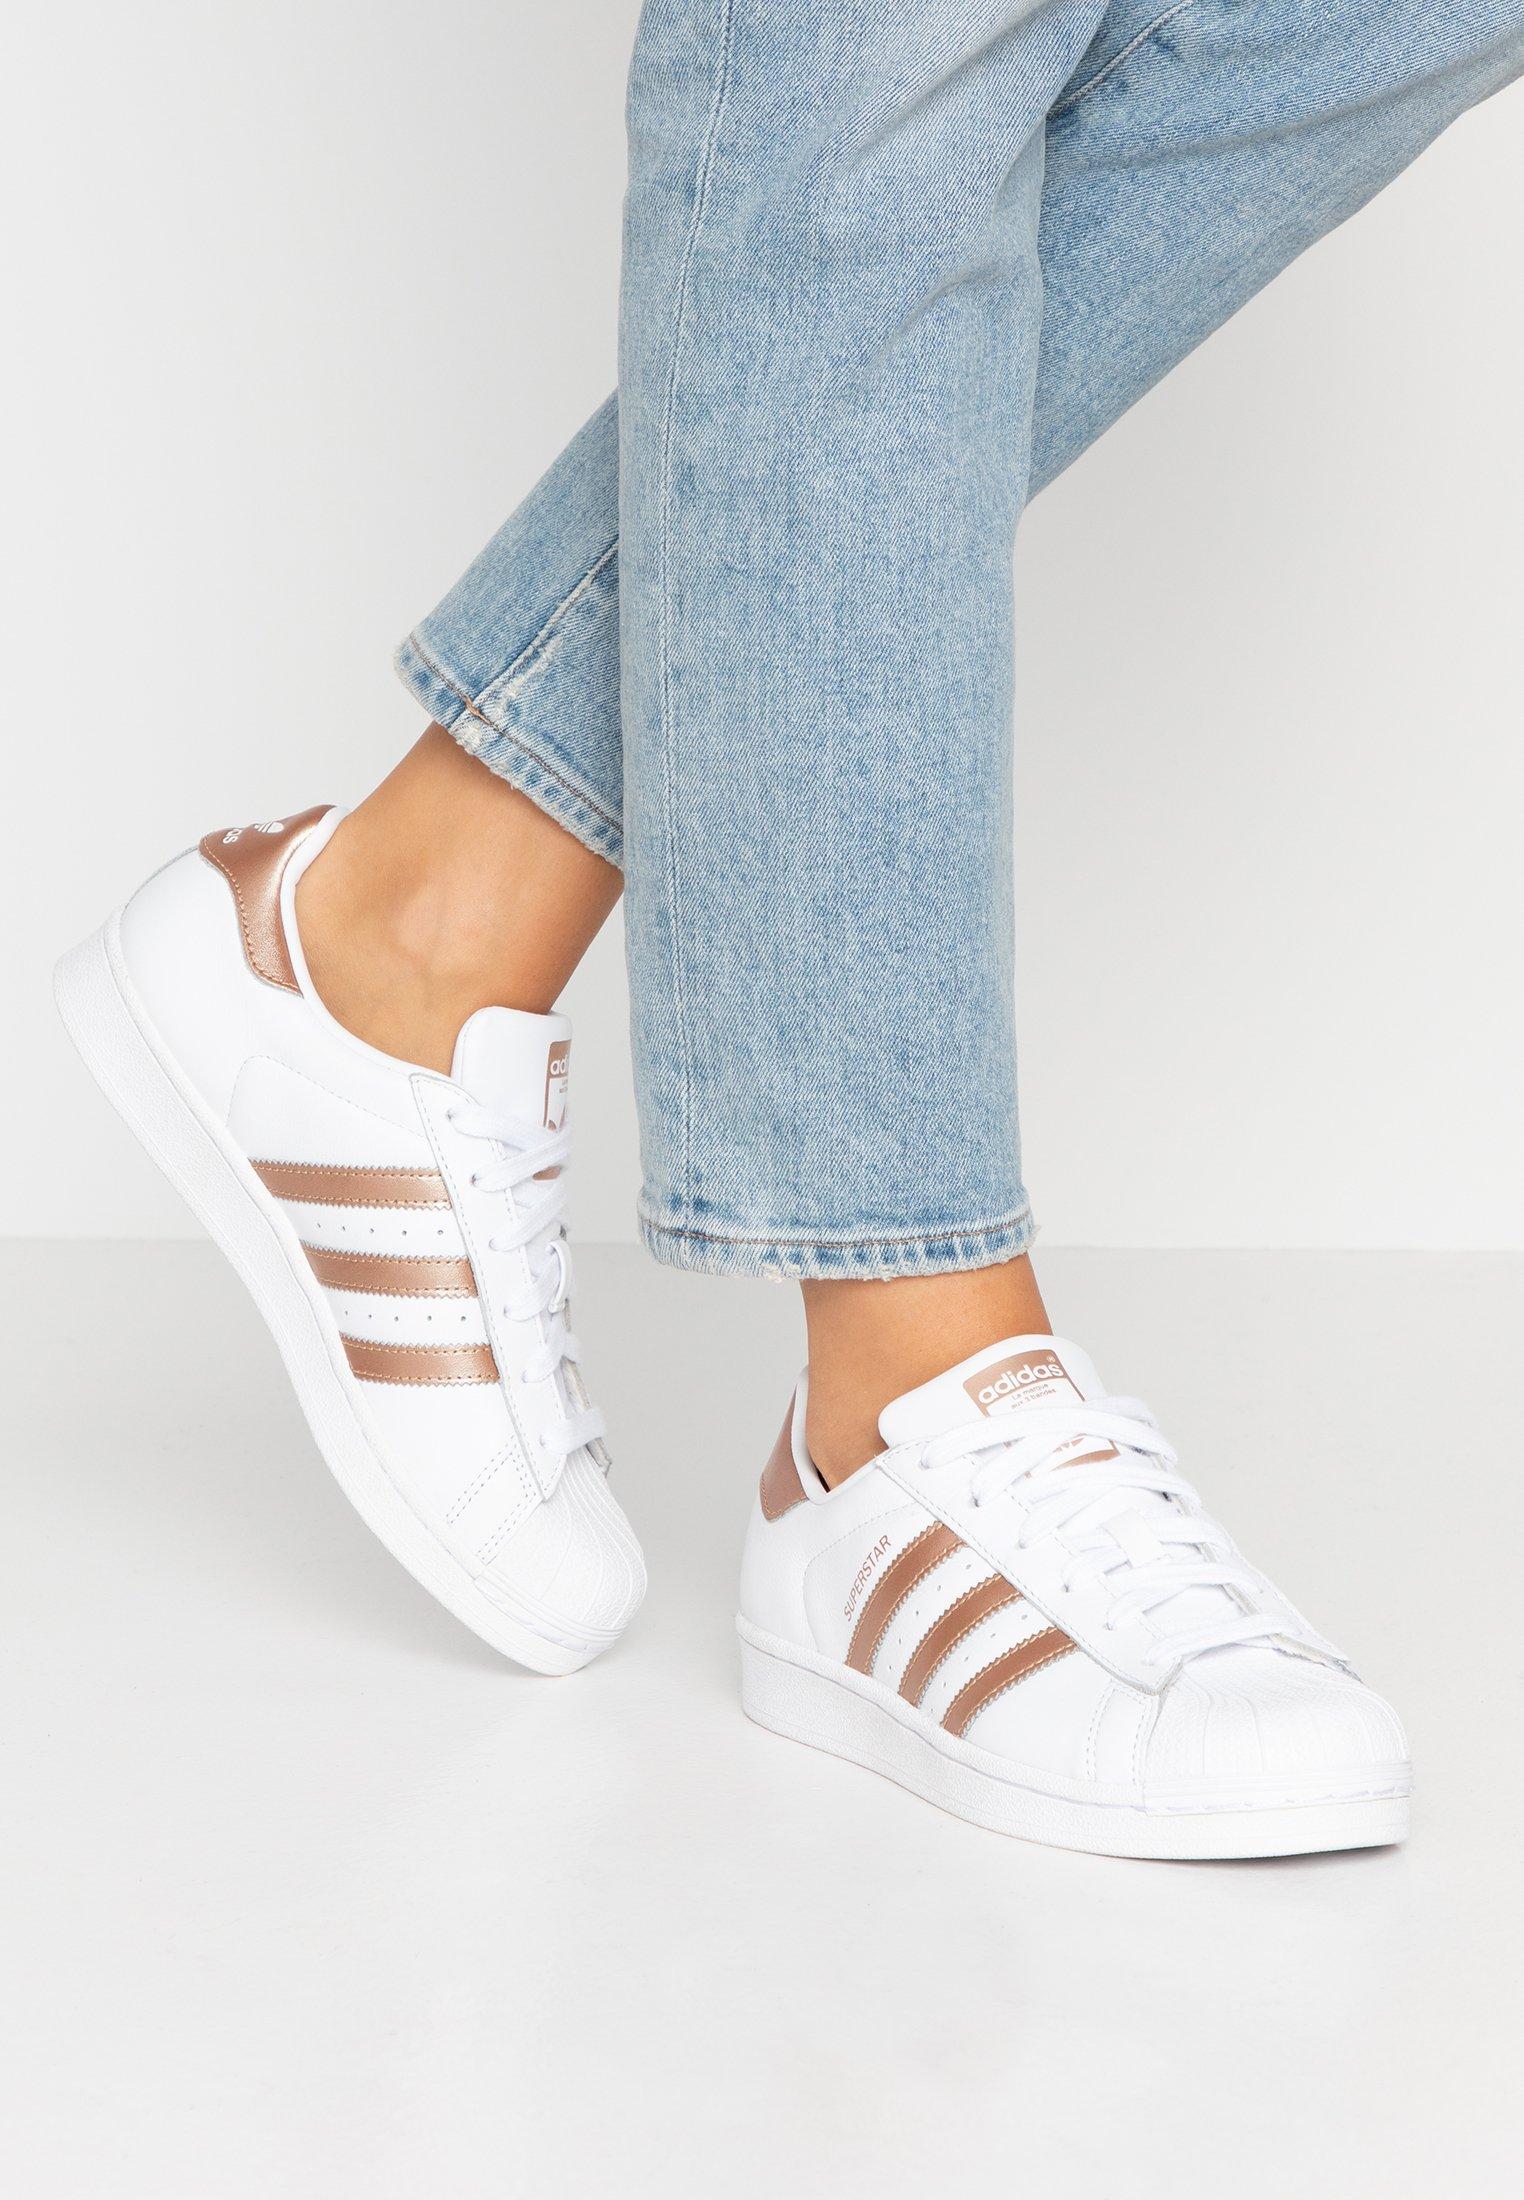 adidas superstar metallics femme chaussures Off 55% - www ...